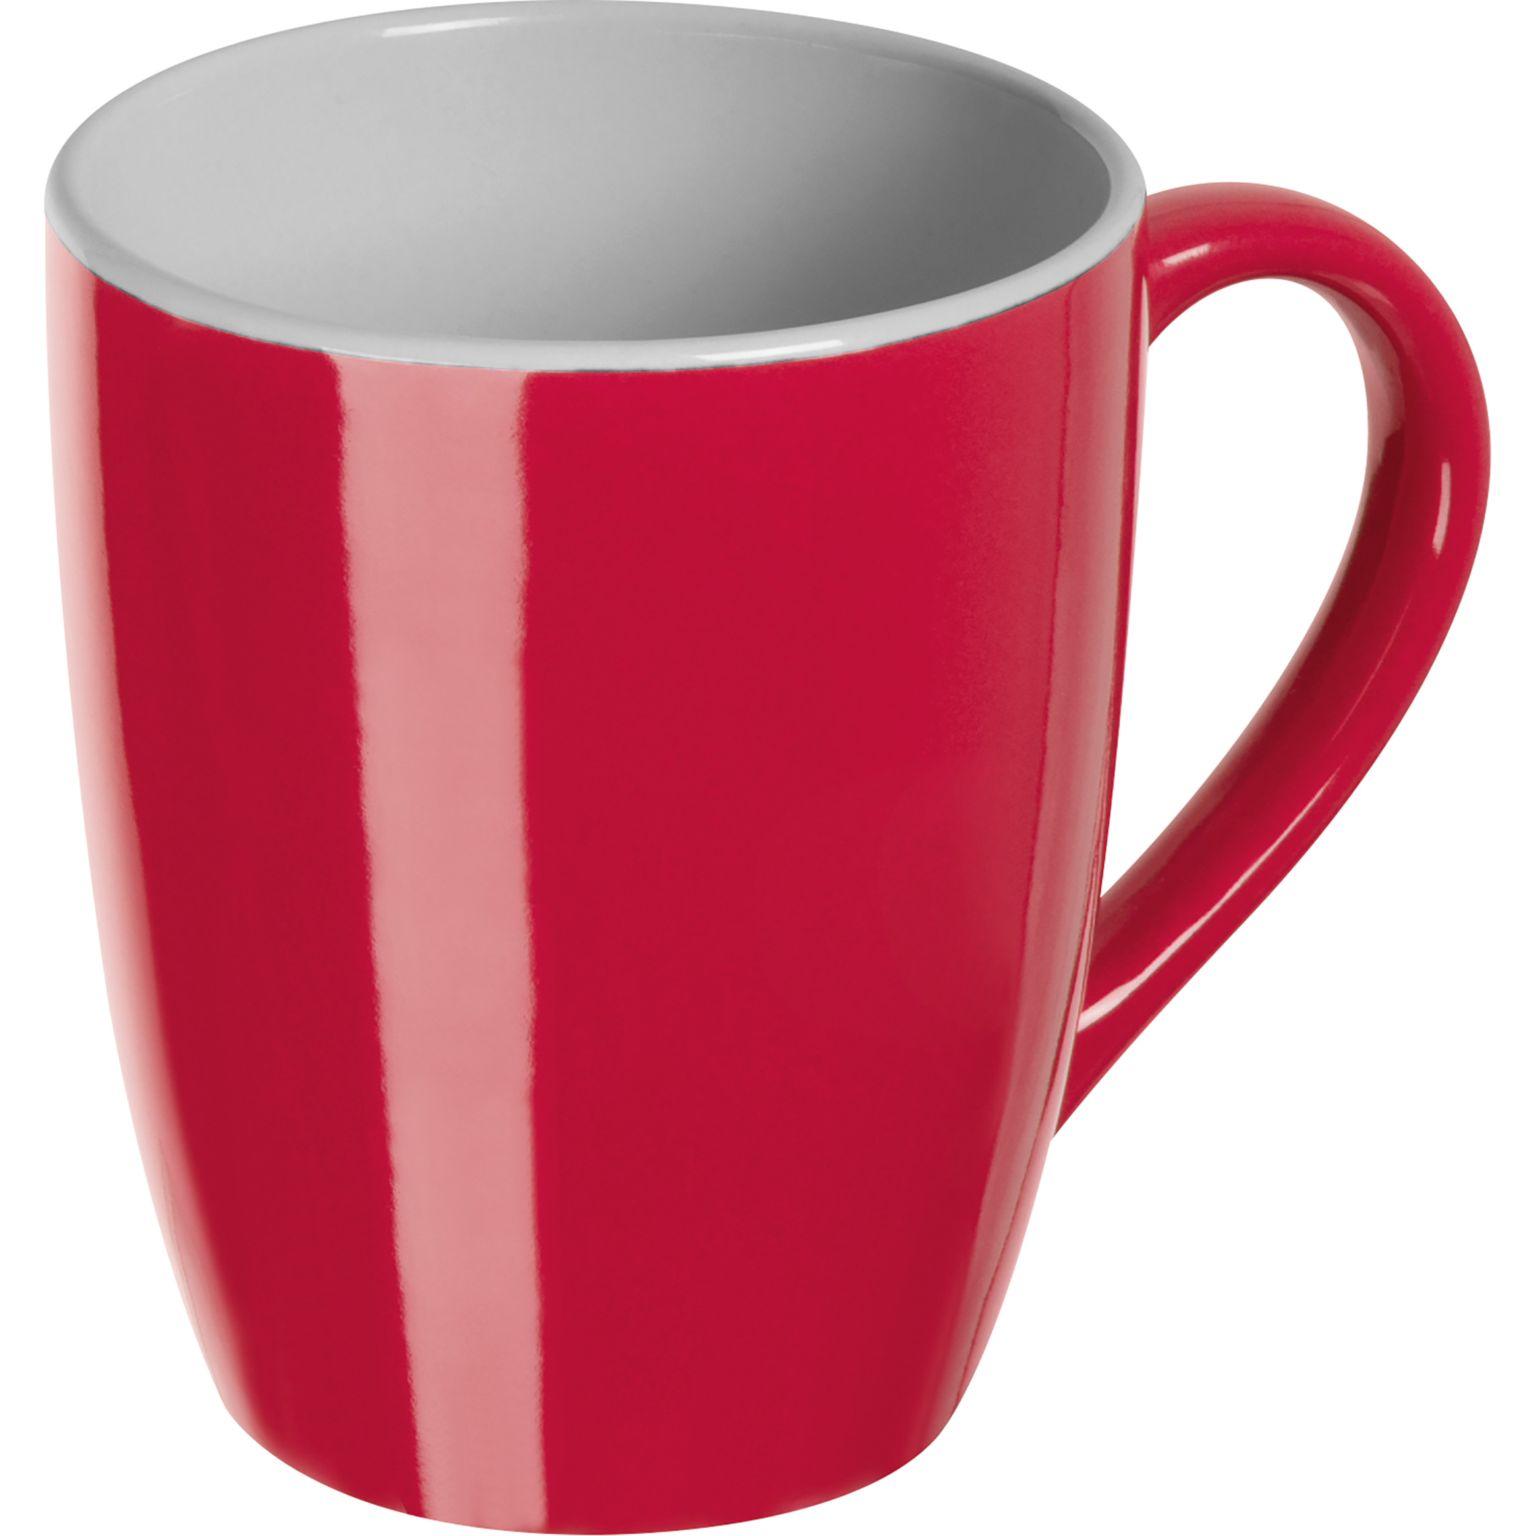 Mug coloré et intérieur blanc